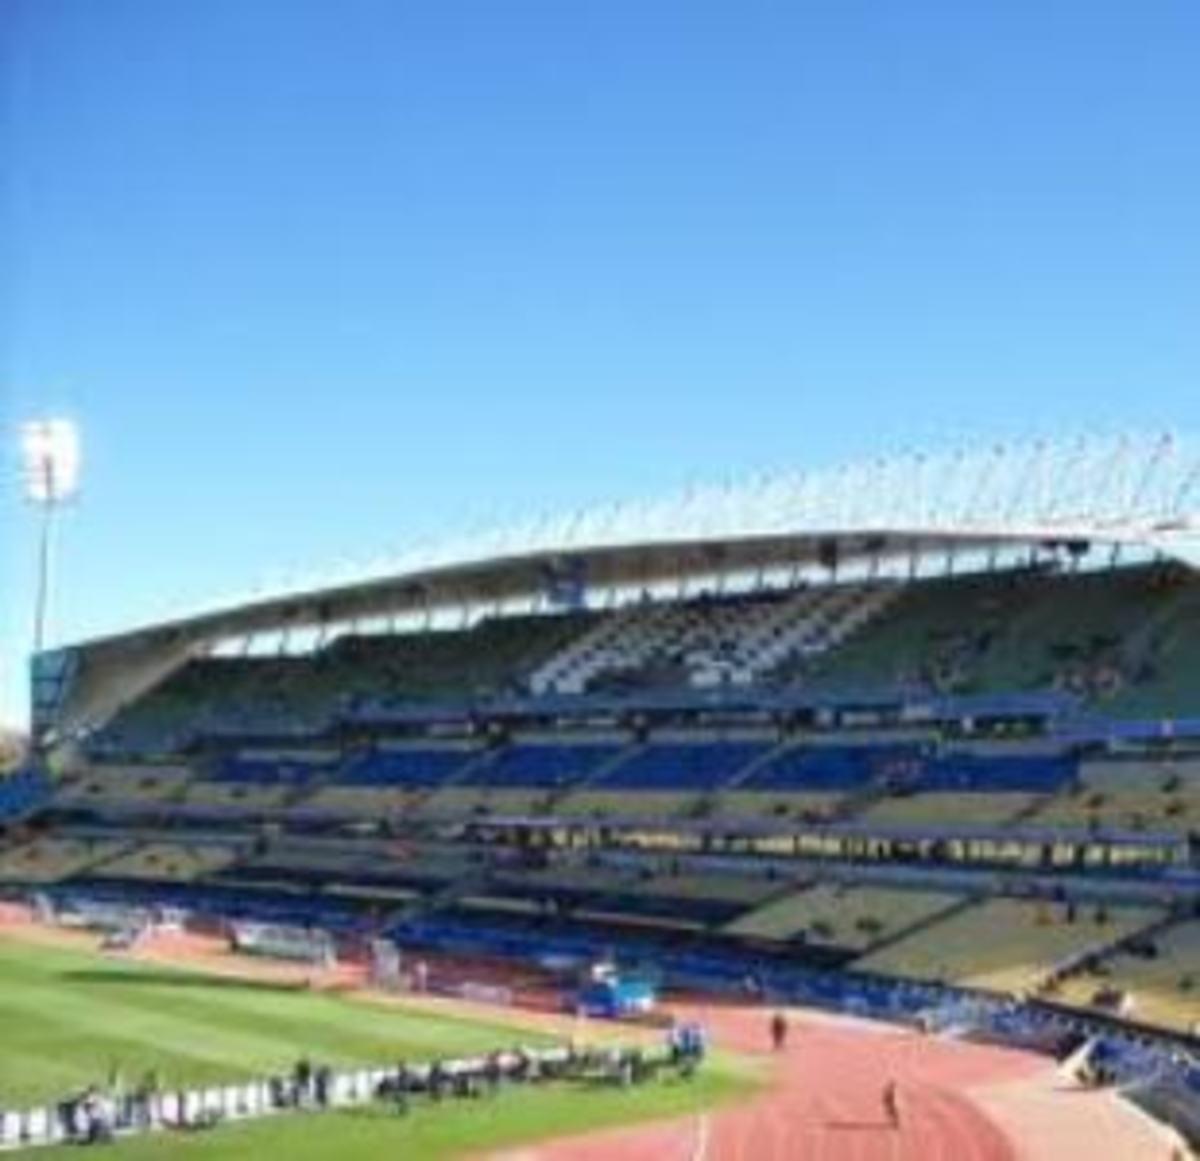 Royal-Bofokeng sport stadion in Rustenburg